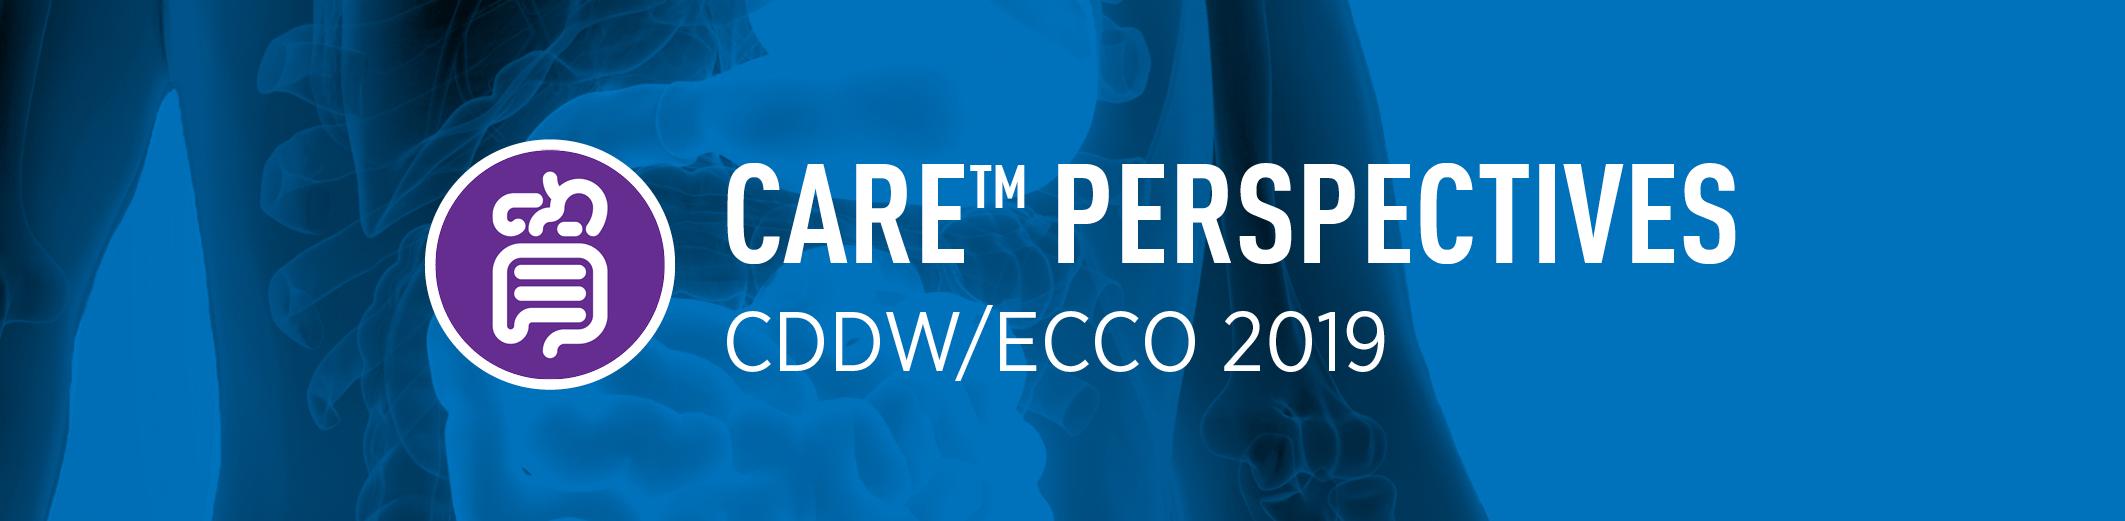 CDDW ECCO 2019.png